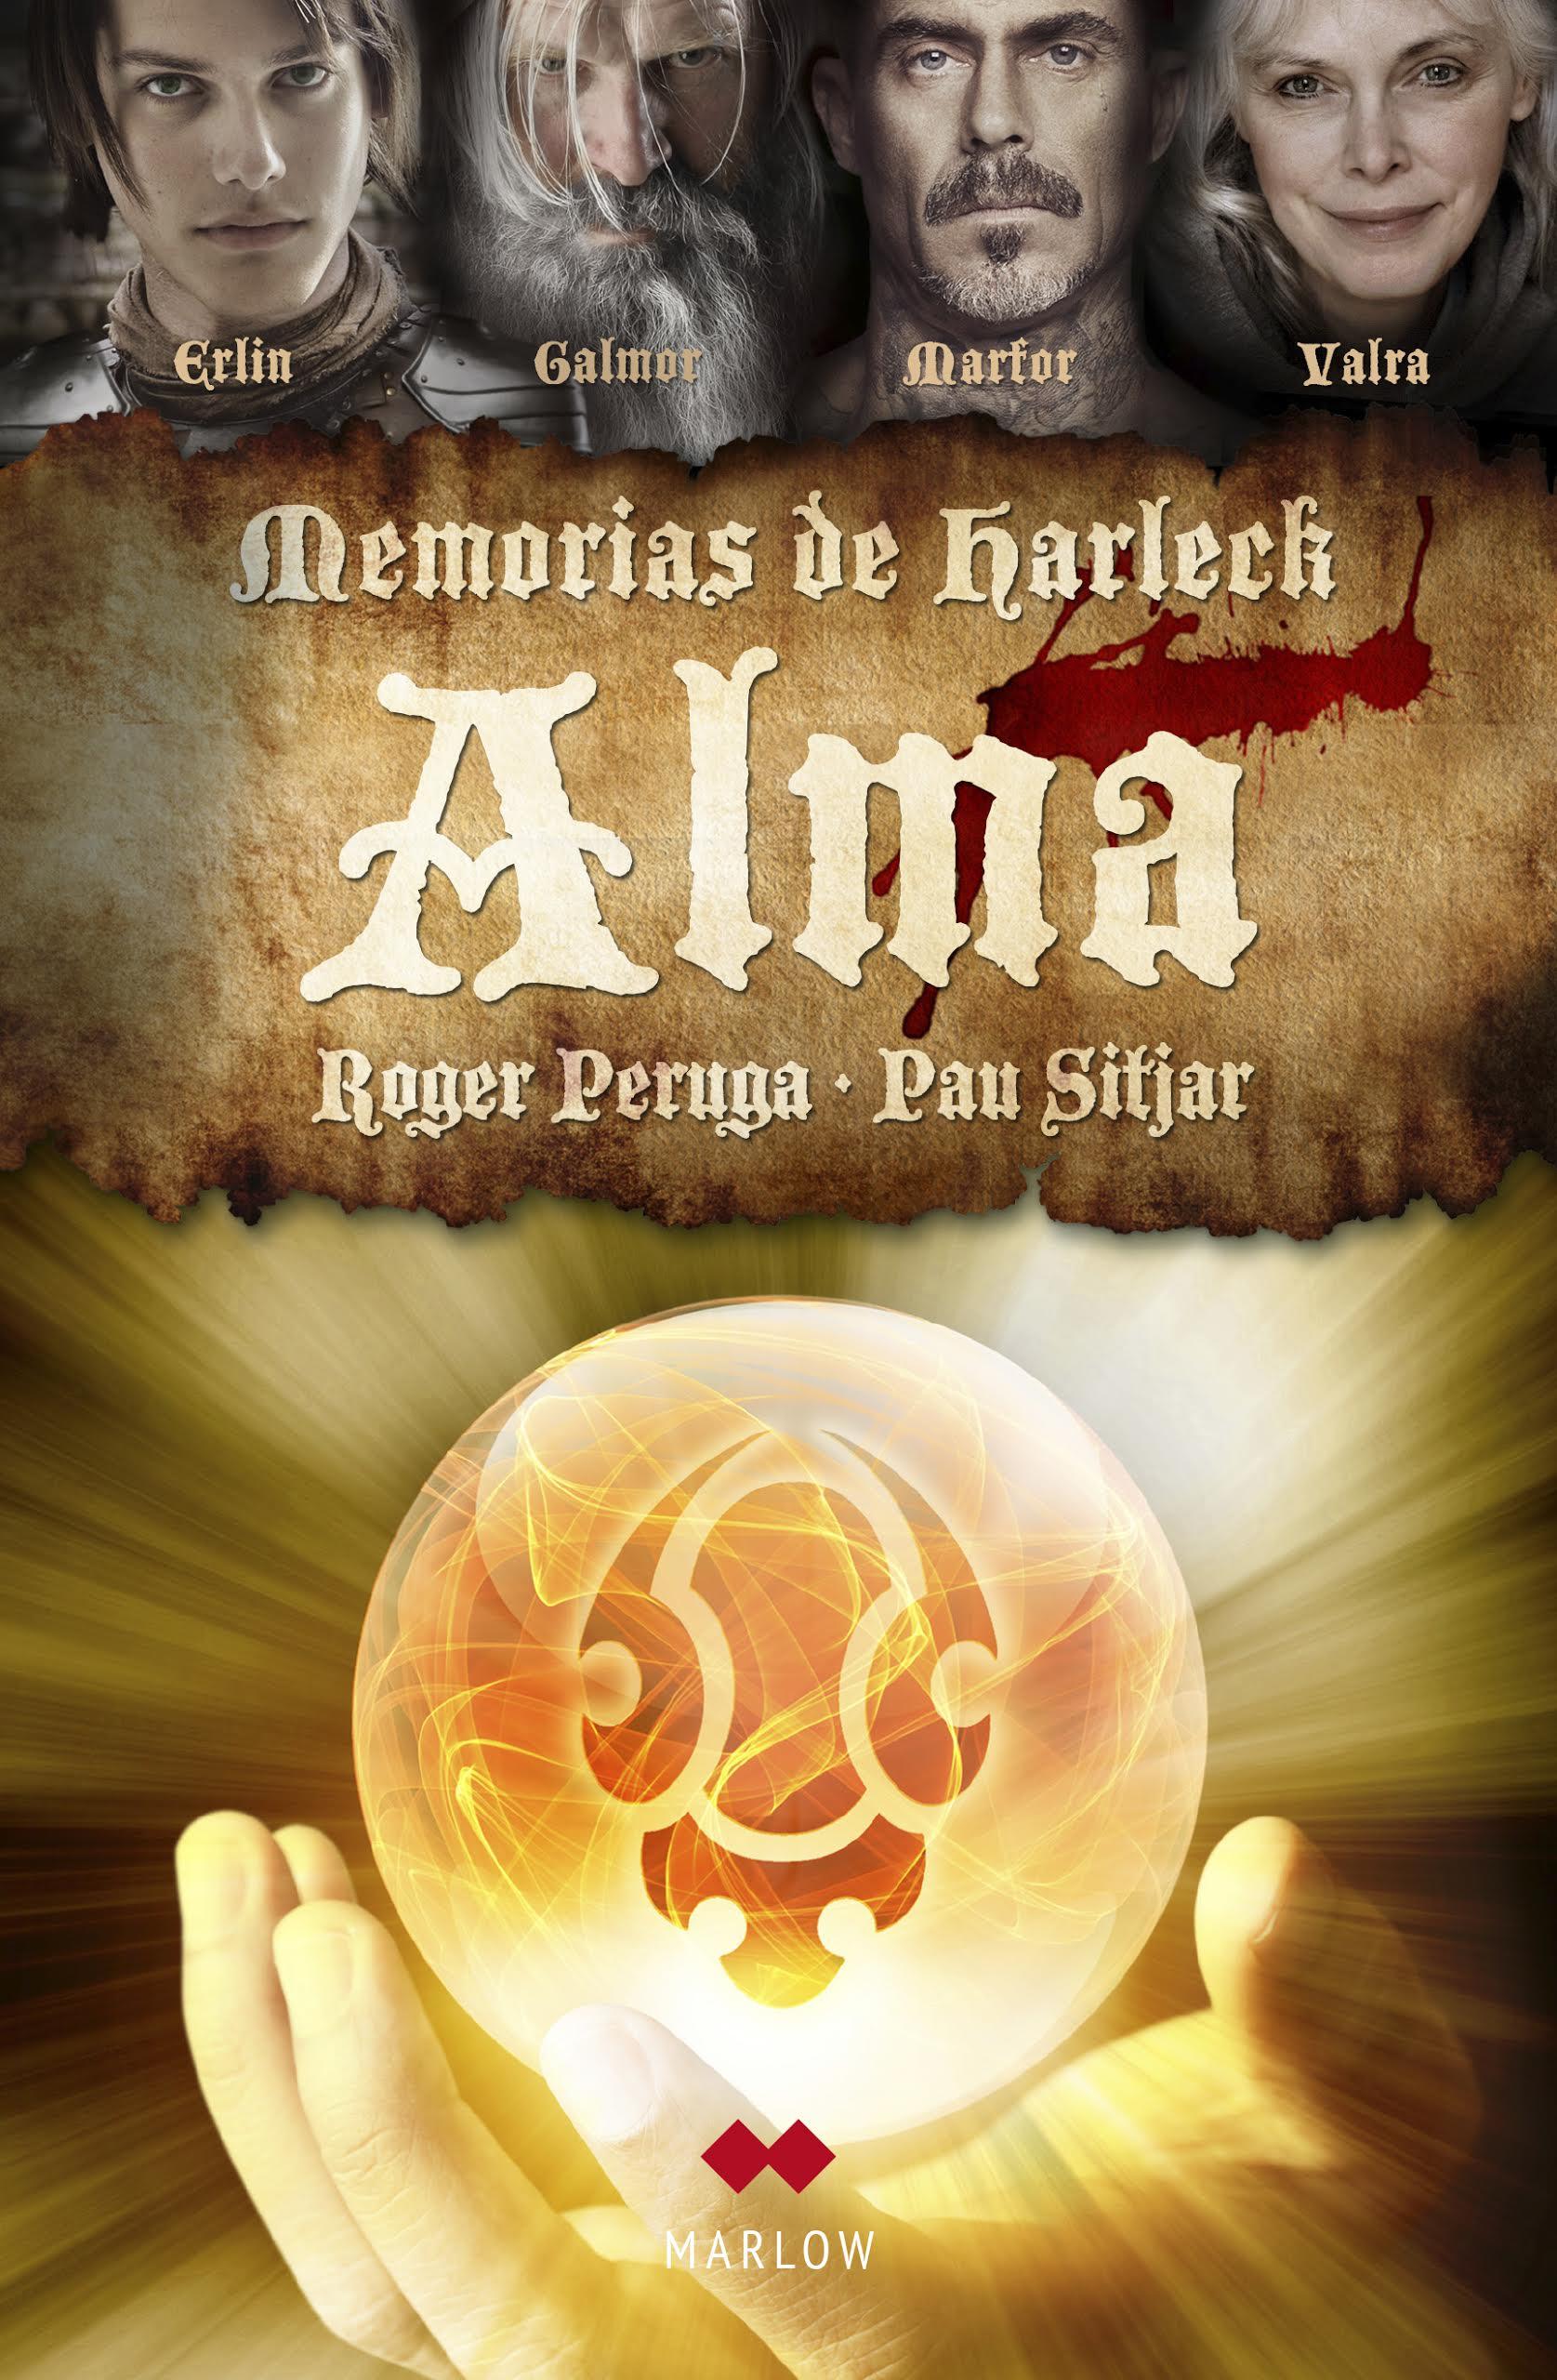 Alma. Memorias de Harleck (I)